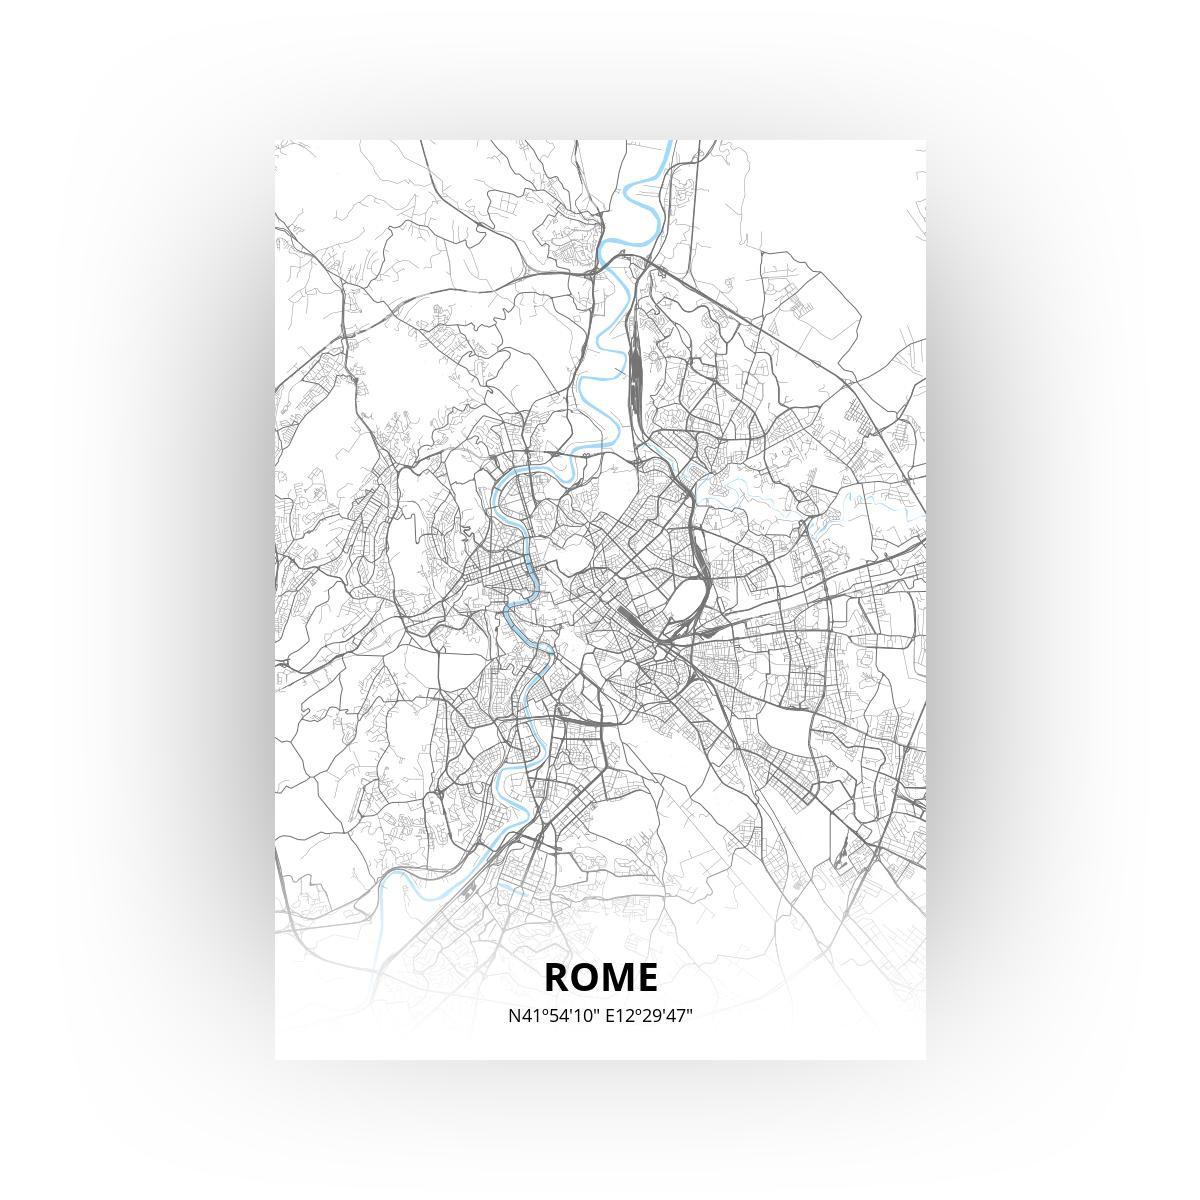 Rome print - Standaard stijl